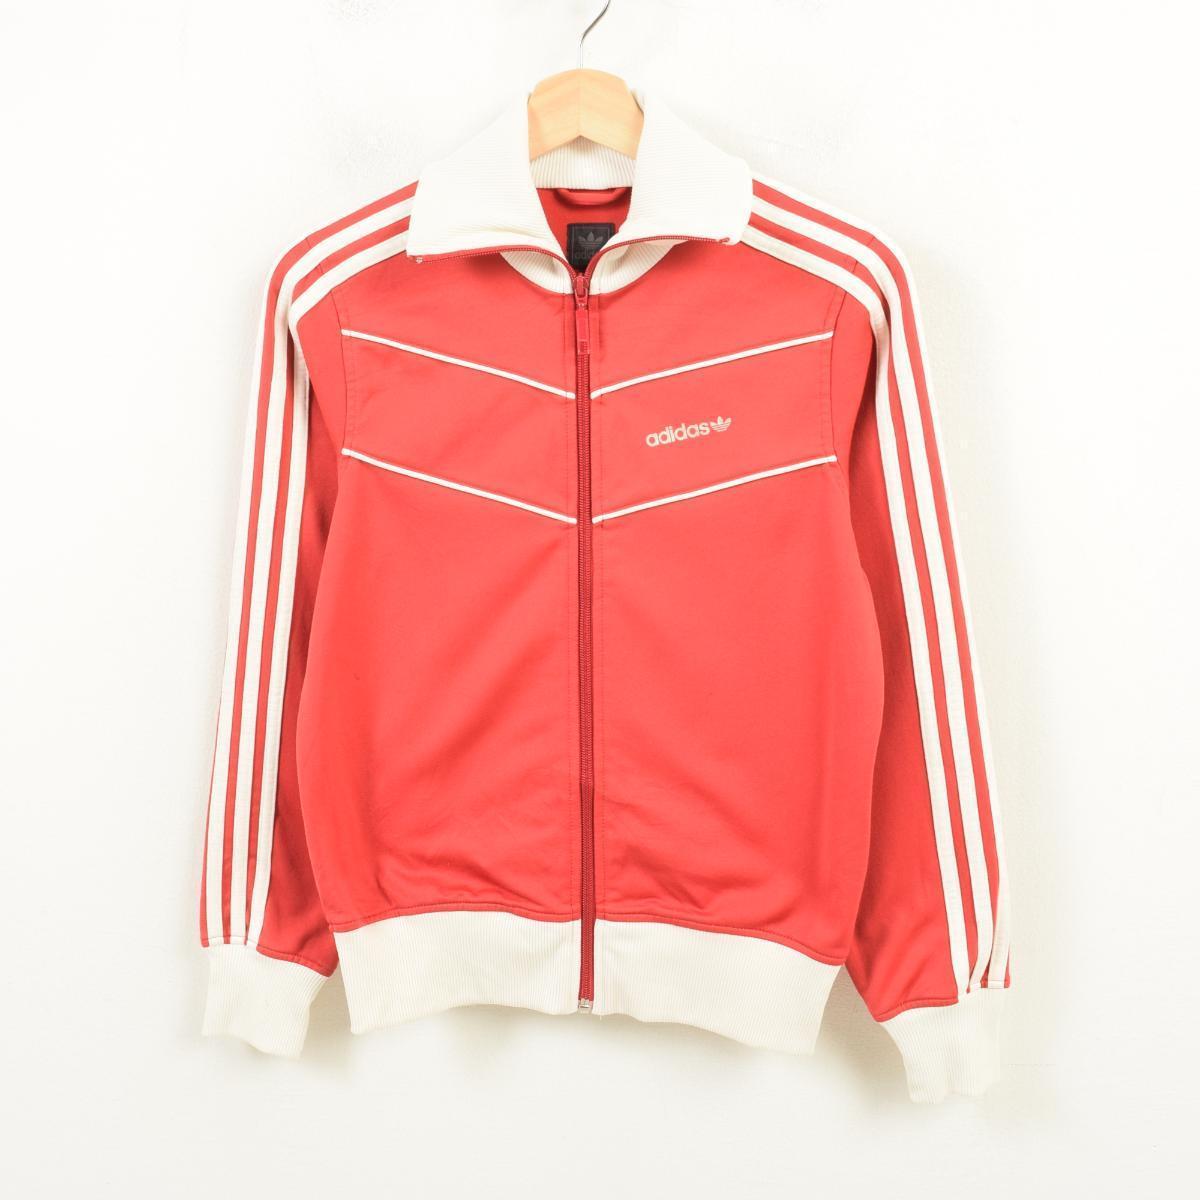 46f0d4455 Adidas adidas ORIGINALS originals jersey truck jacket Lady's L /wav4322